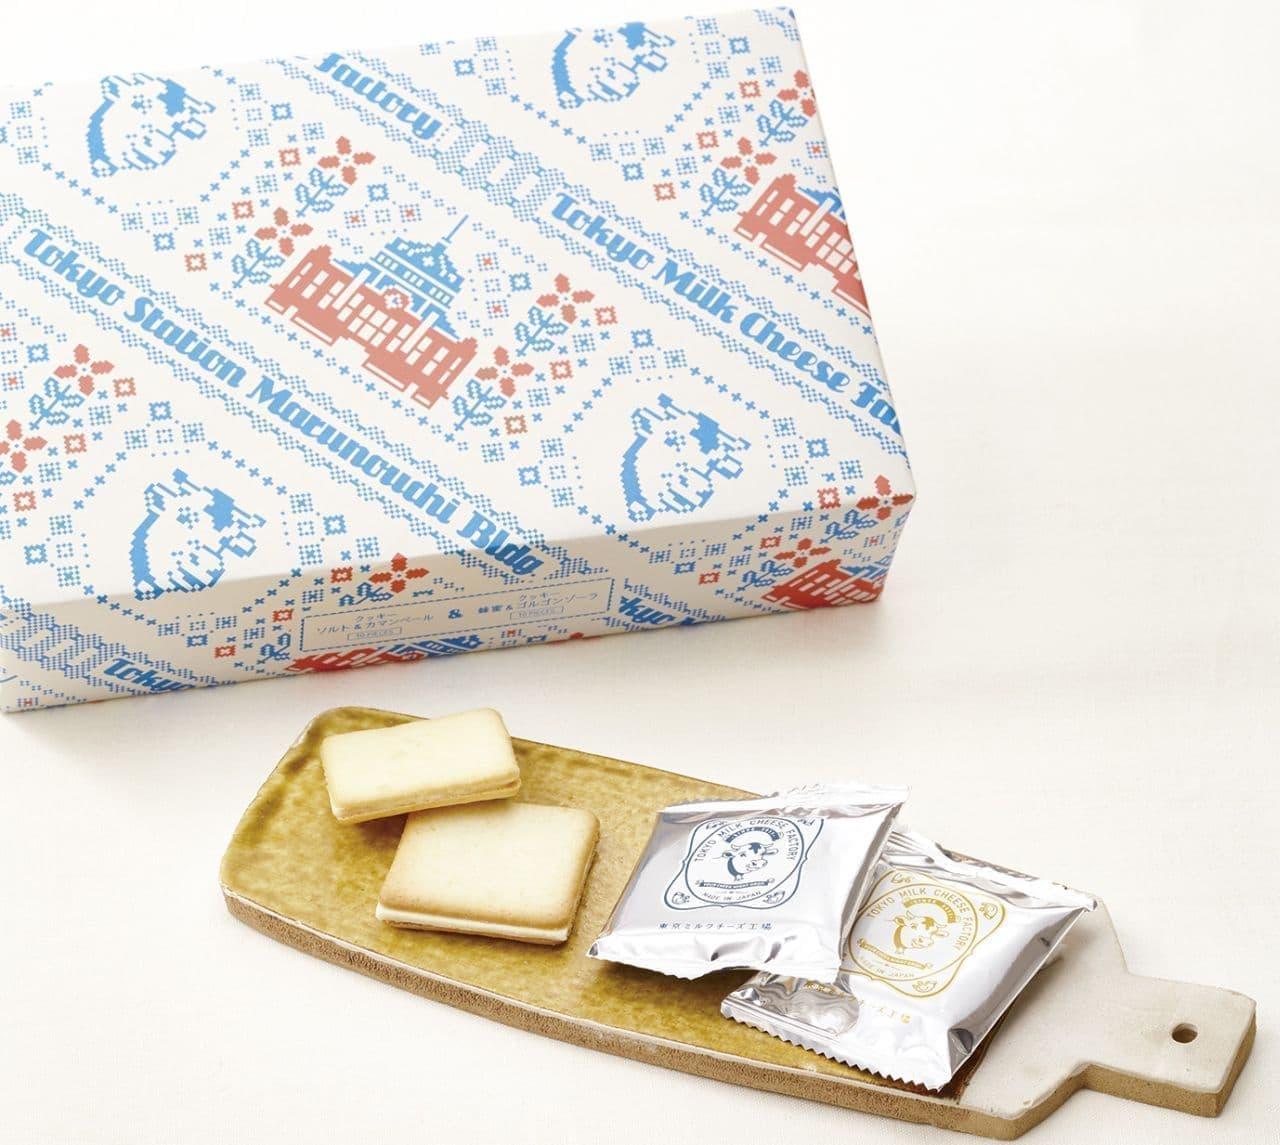 東京ミルクチーズ工場「クッキー詰合せ 20枚入 東京駅限定パッケージ」